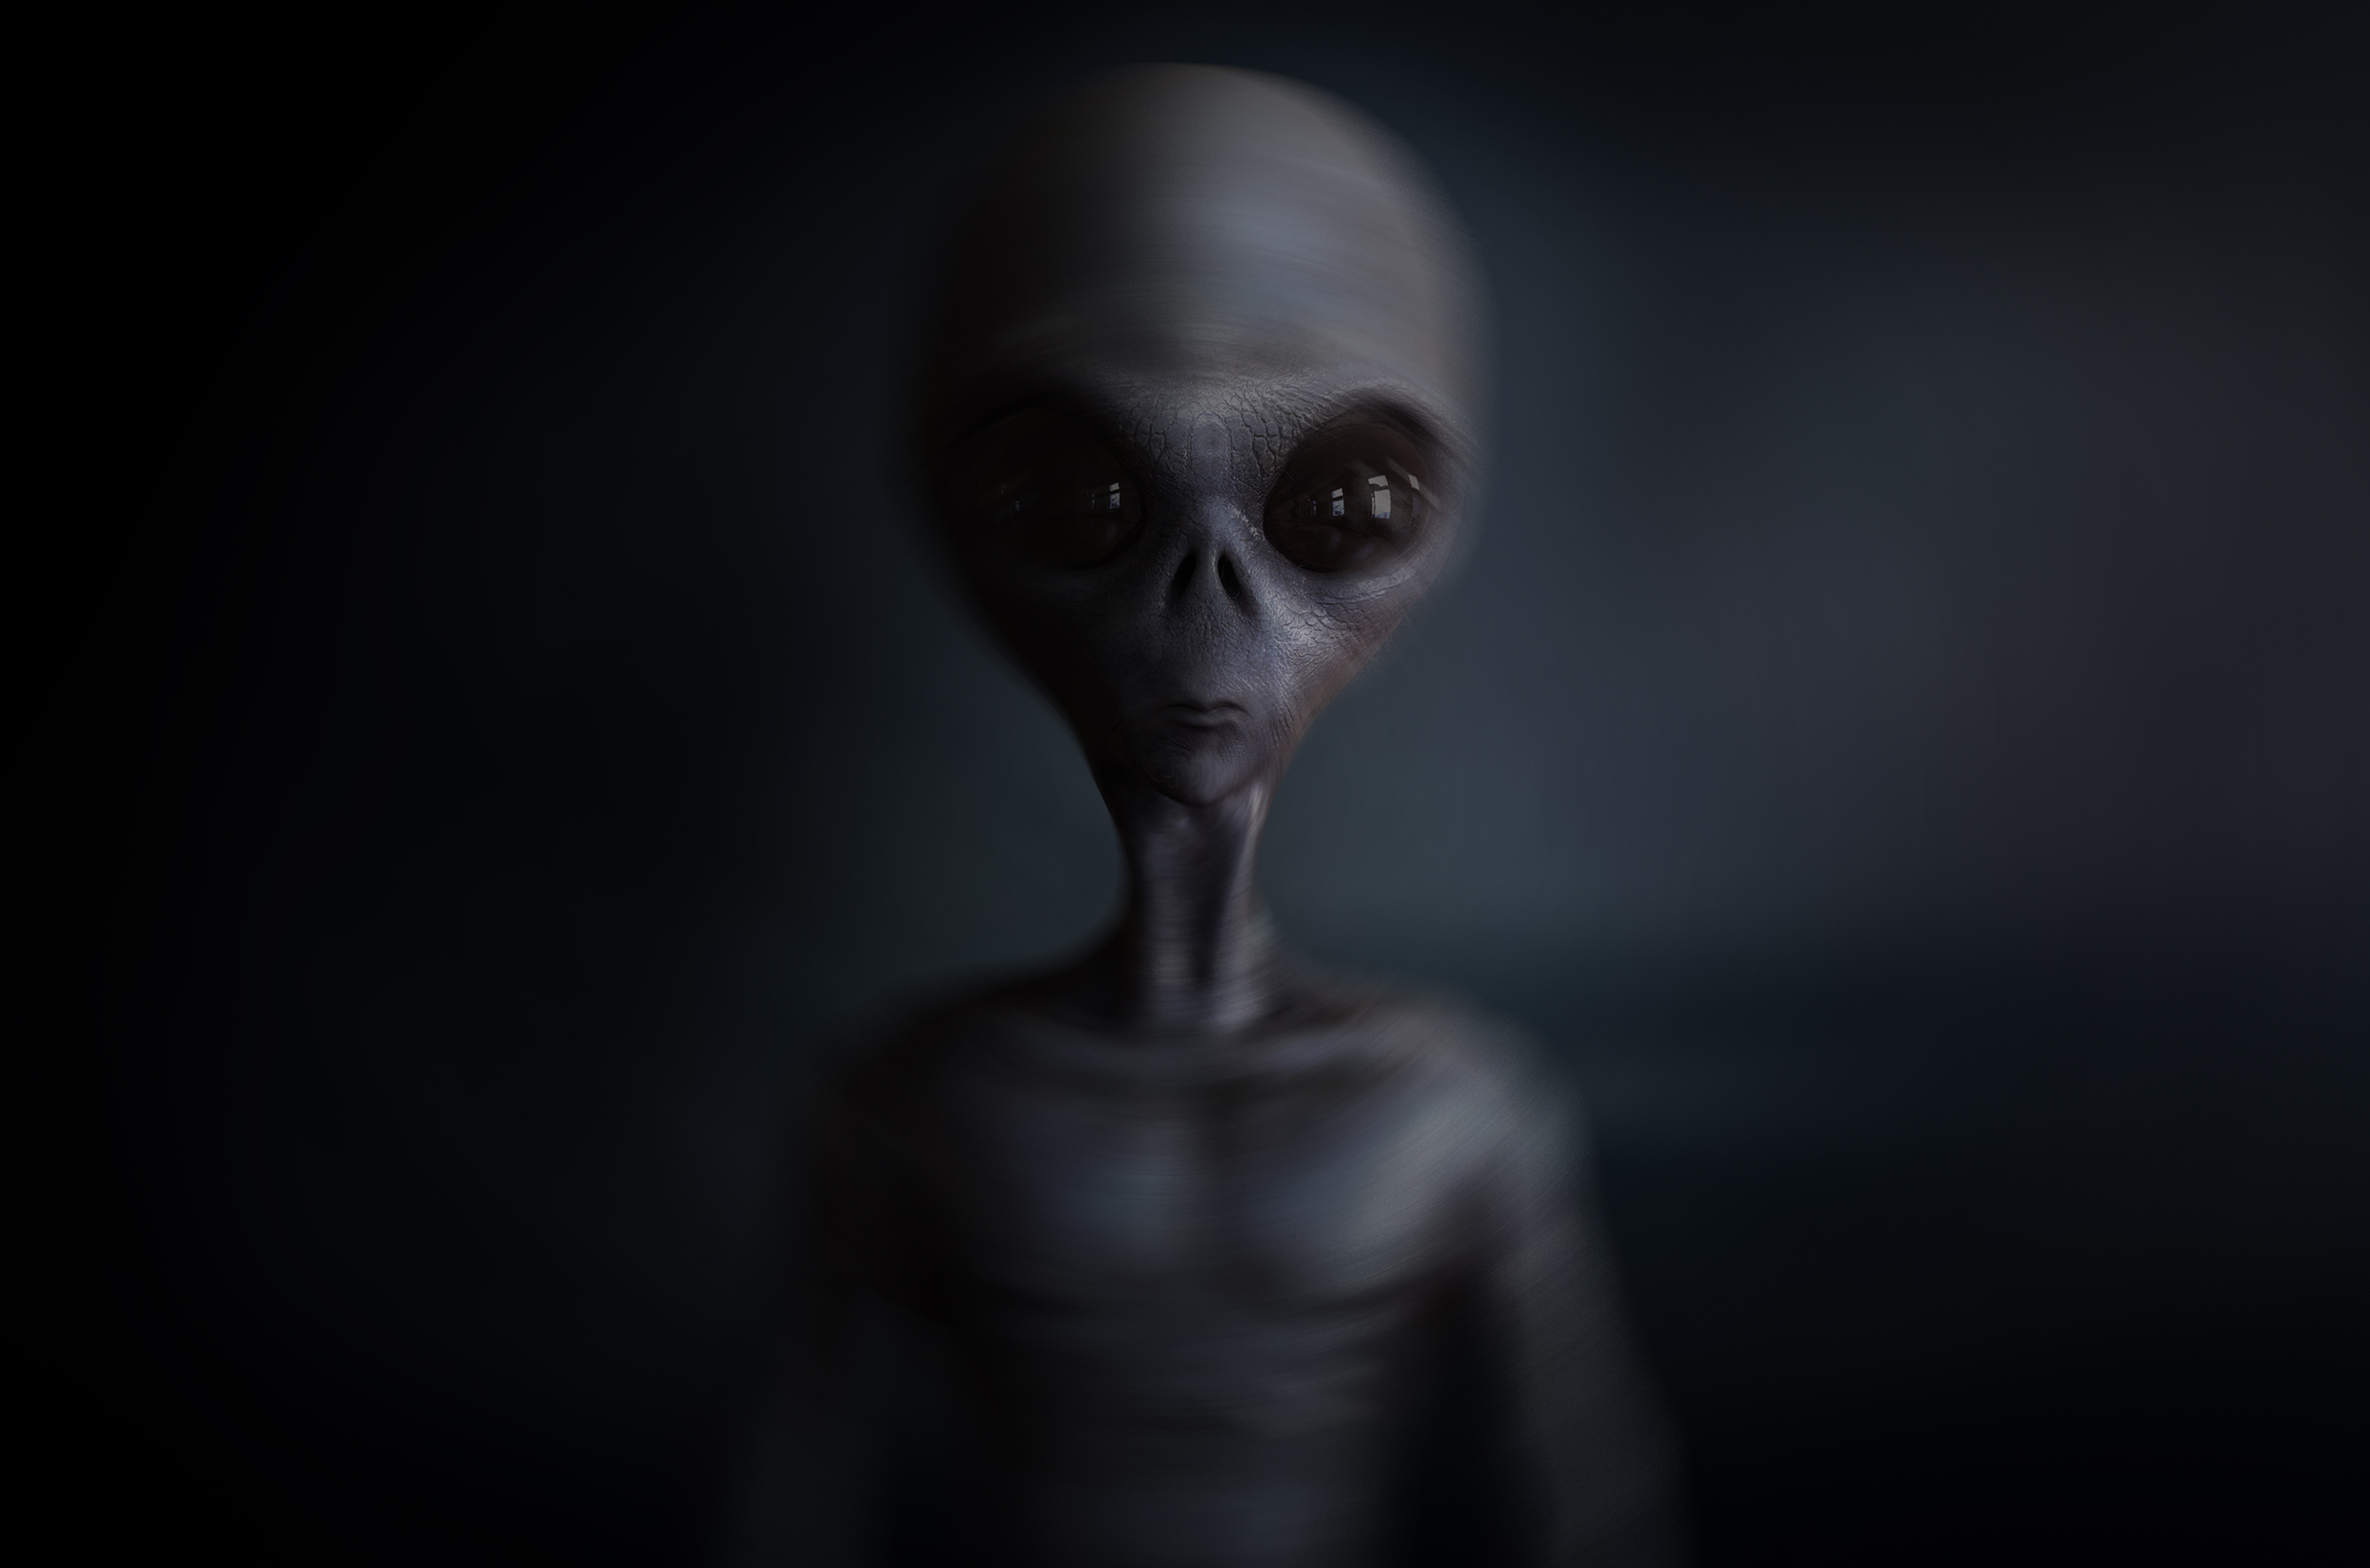 Ученые пояснили, почему инопланетяне несмогут жить наЗемле